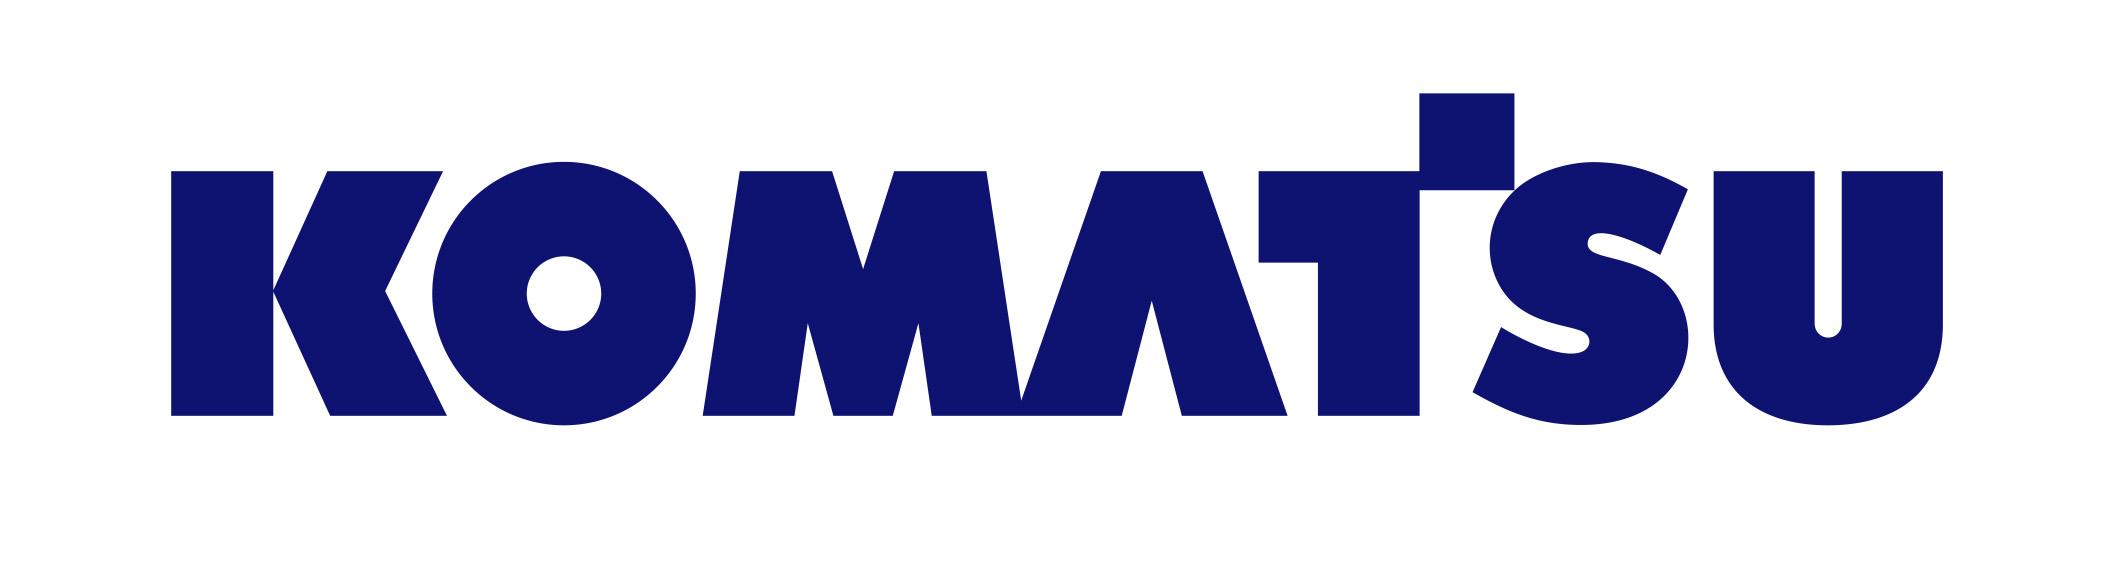 Komatsu logo.